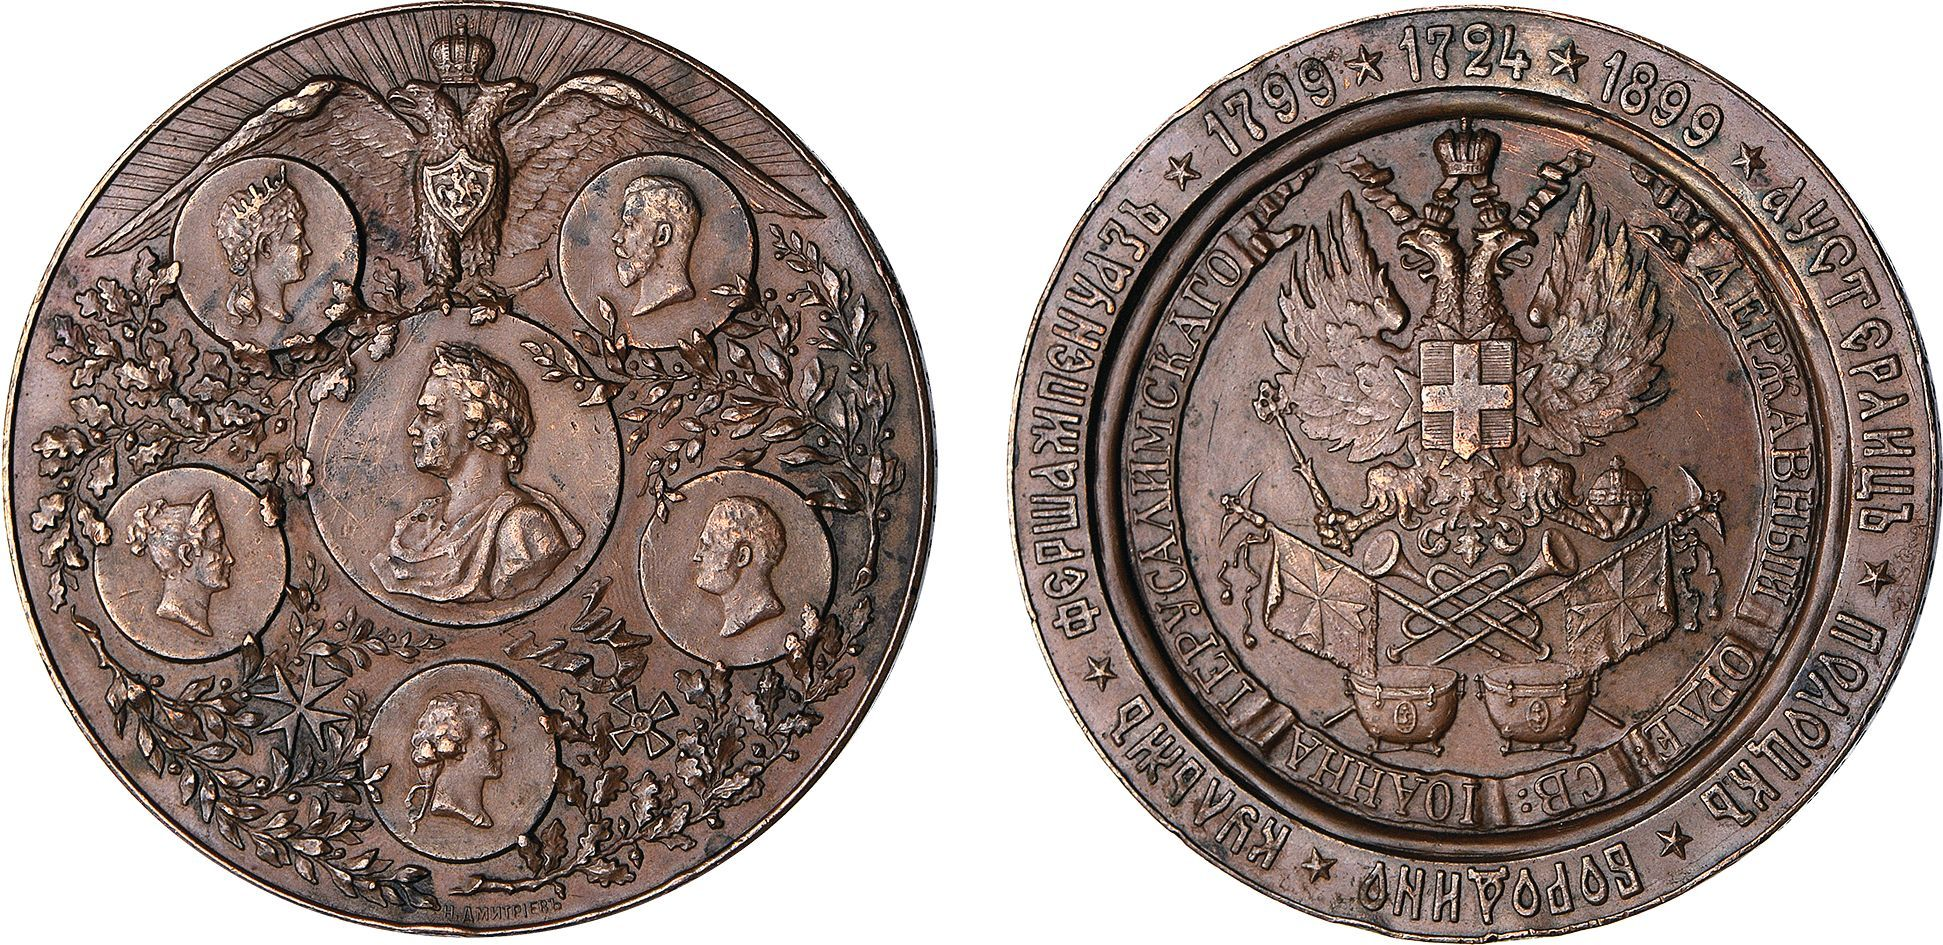 Настольная медаль «В память 100-летнего юбилея Кавалергардского Ее Величества Государыни Императрицы Марии Феодоровны полка. 1799-1899 гг.»